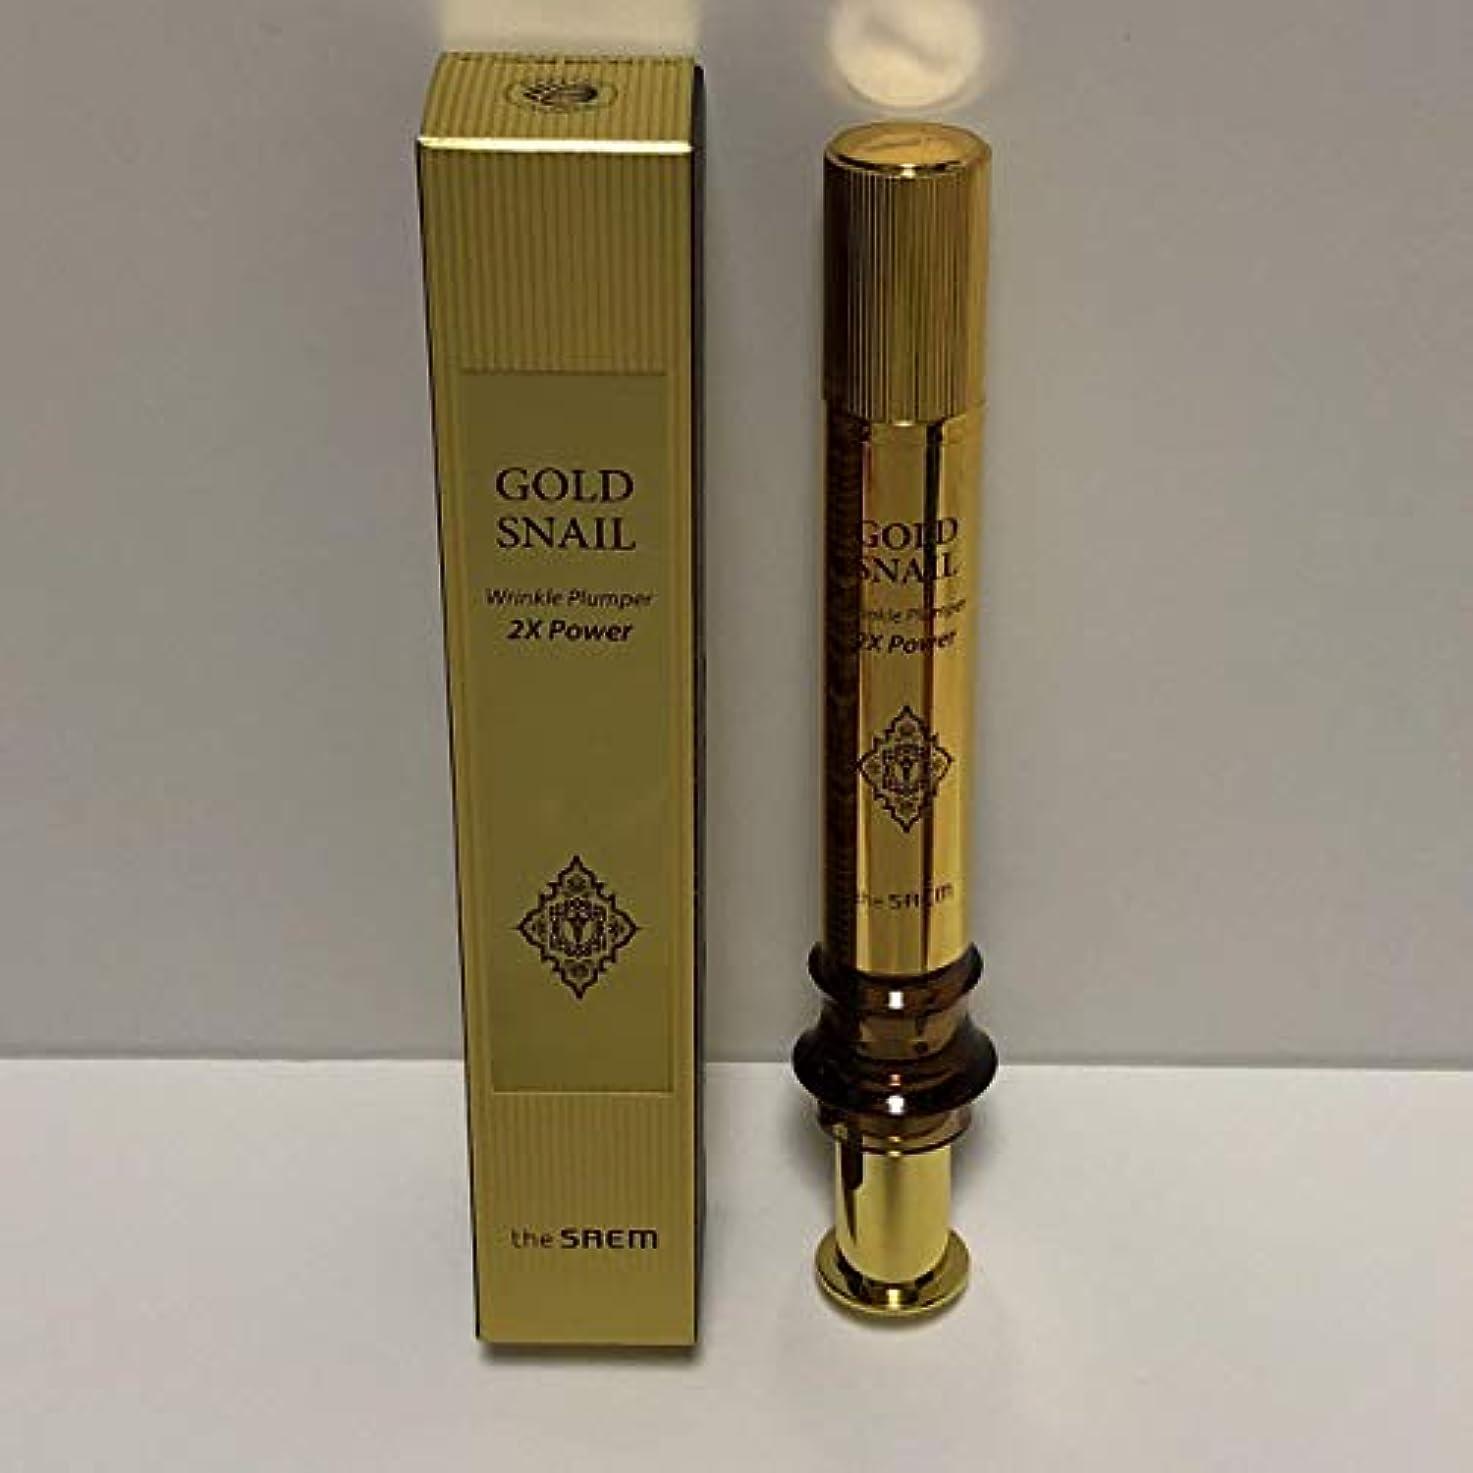 離す欠点ベッドThe Saem Gold Snail Wrinkle Plumper 2X Power 12ml / ザセム ゴールド カタツムリ リンクル プルーパー2Xパワー [並行輸入品]